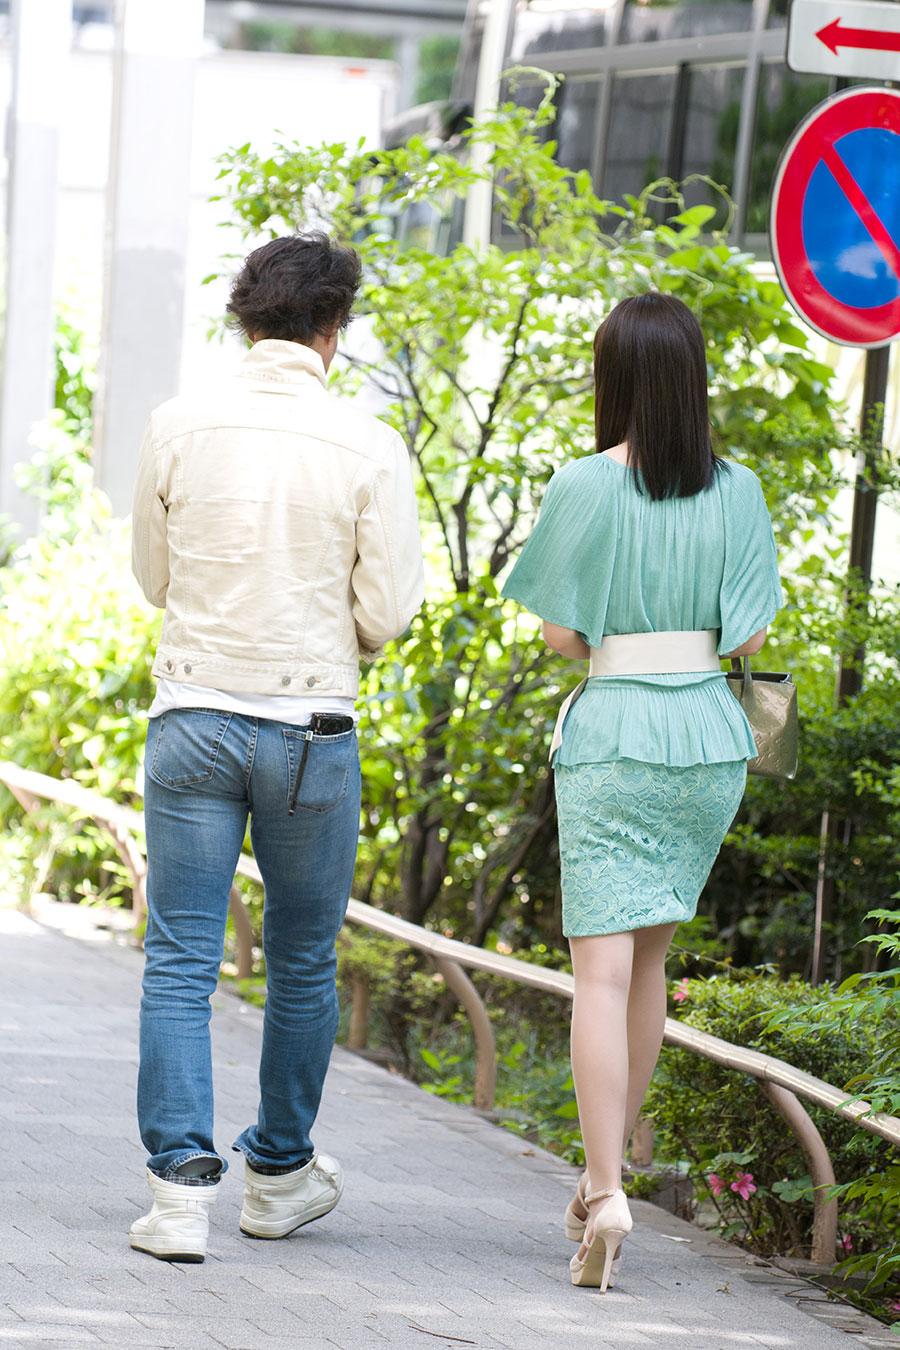 【セレブ妻】文京区でナンパした巨乳美人セレブ妻(27)との中出しSEX動画